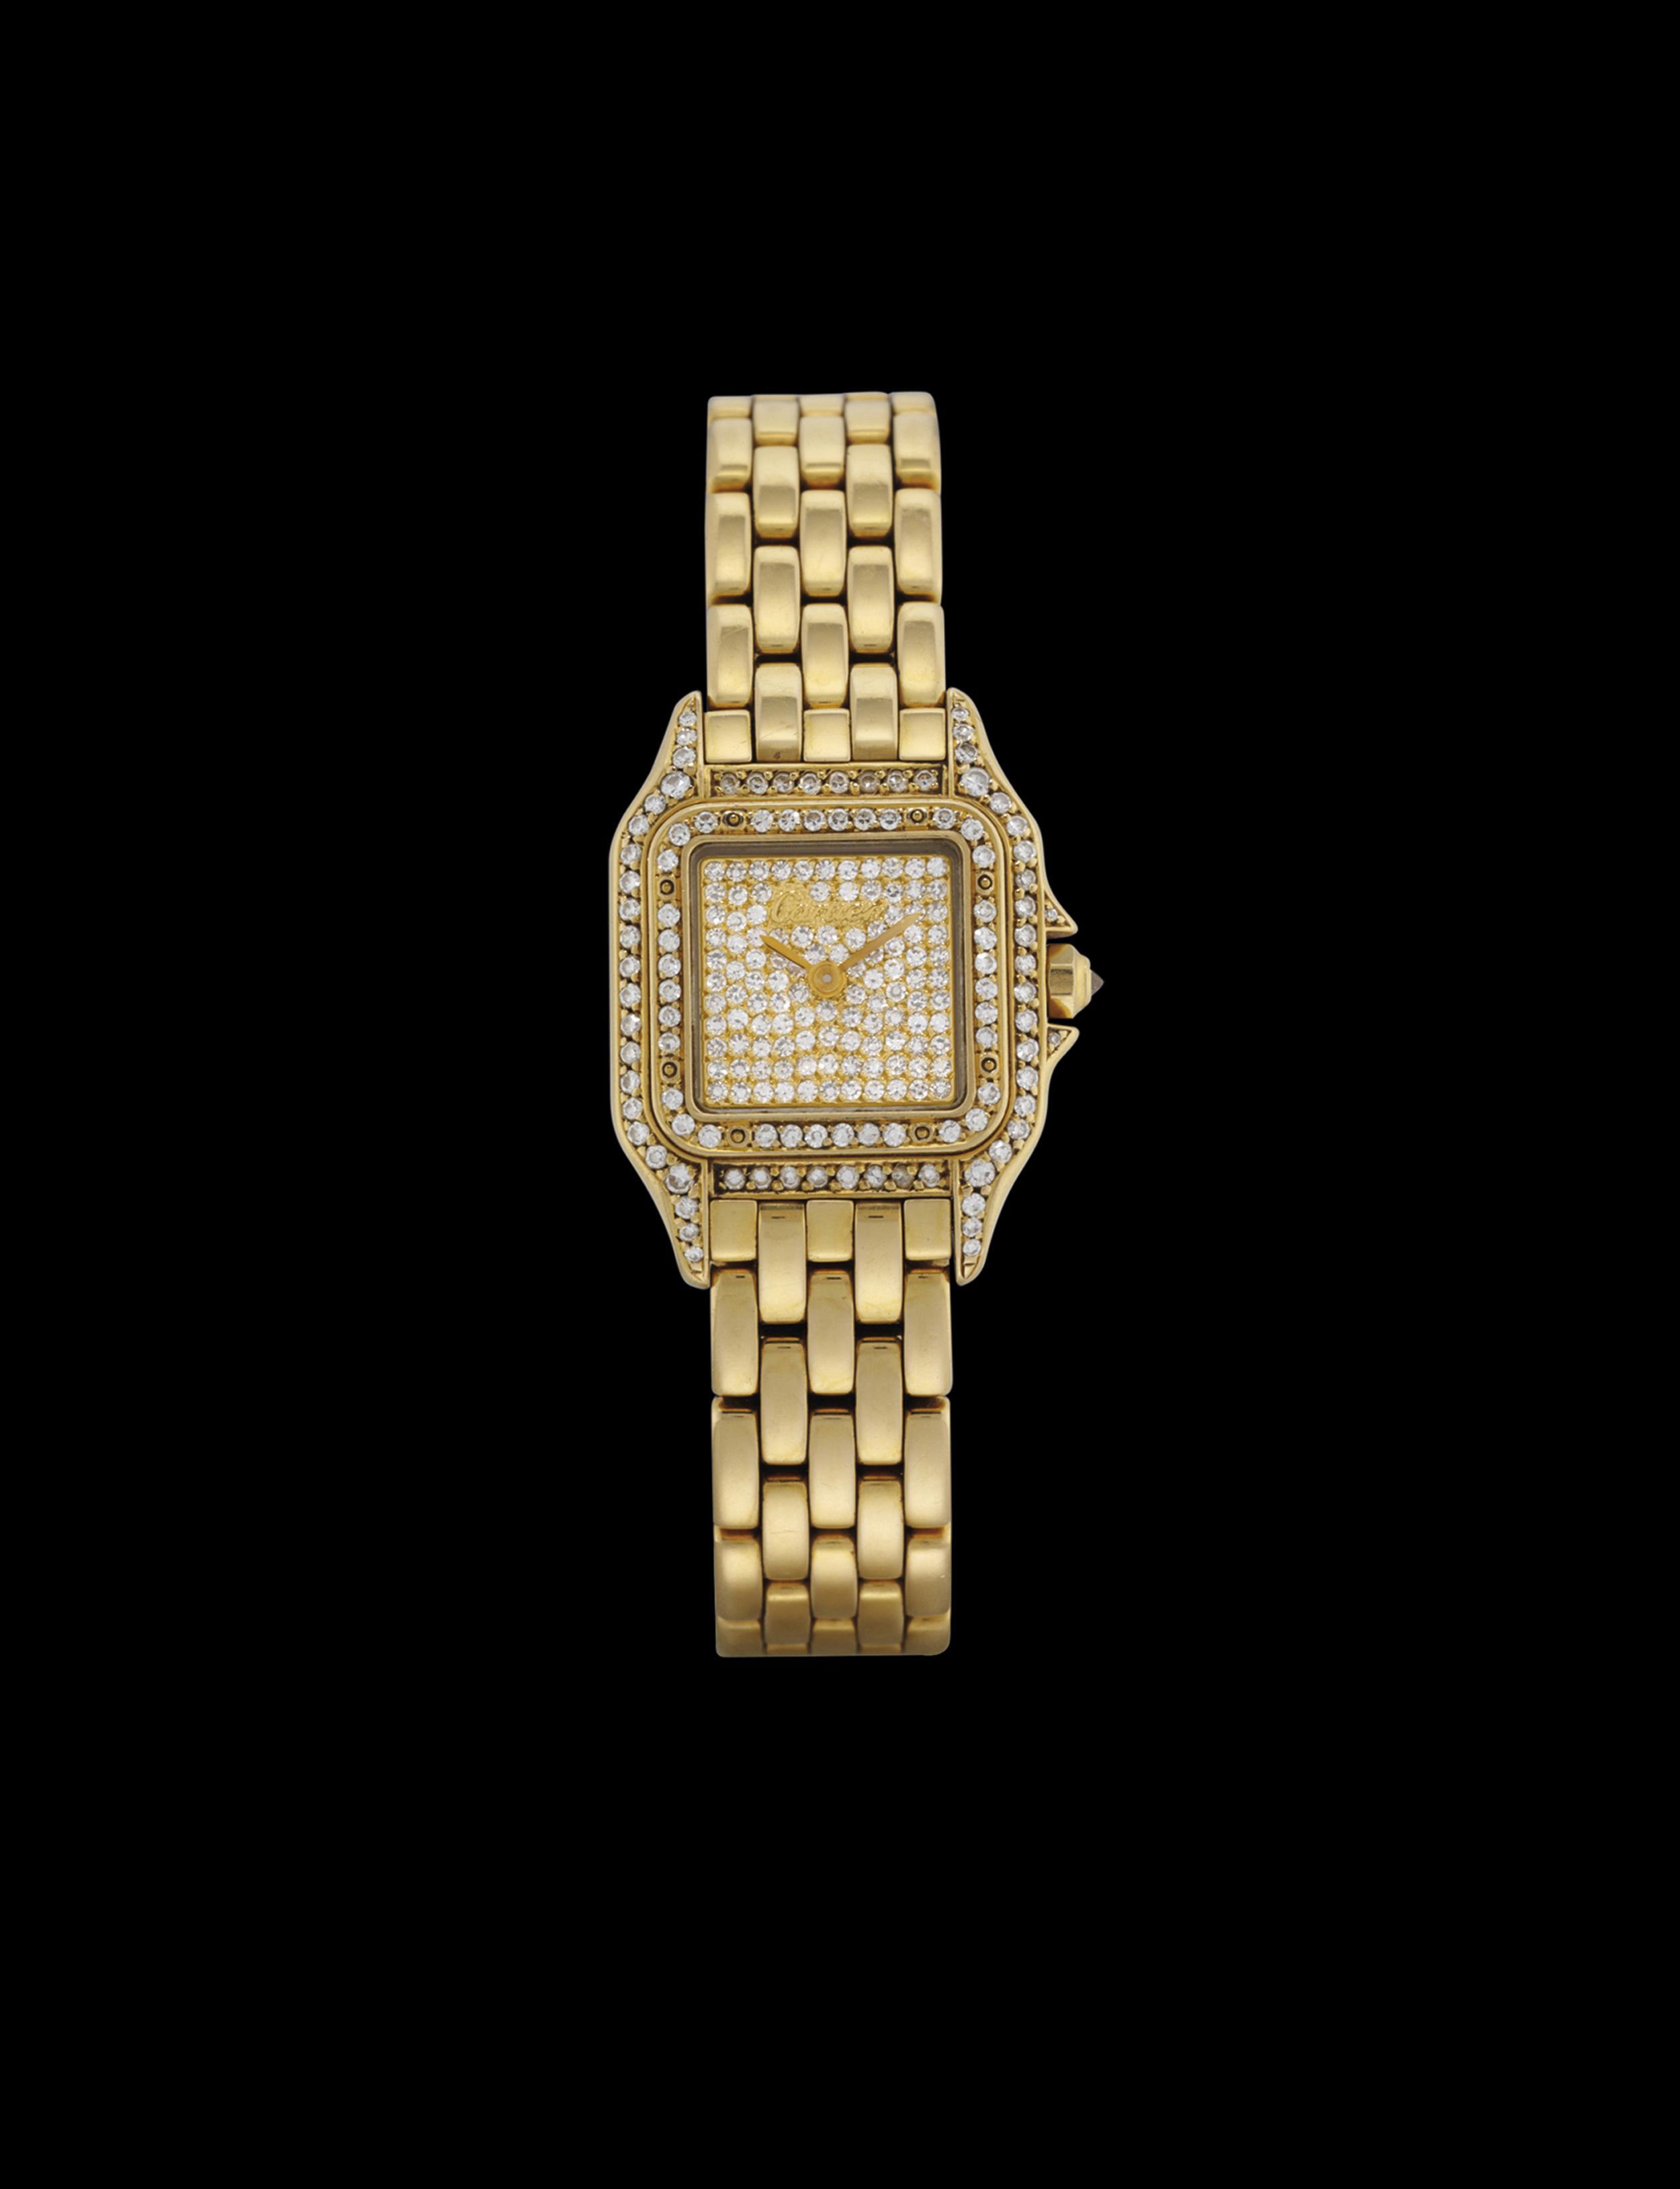 CARTIER. A LADY'S 18K GOLD AND DIAMOND-SET SQUARE BRACELET WATCH